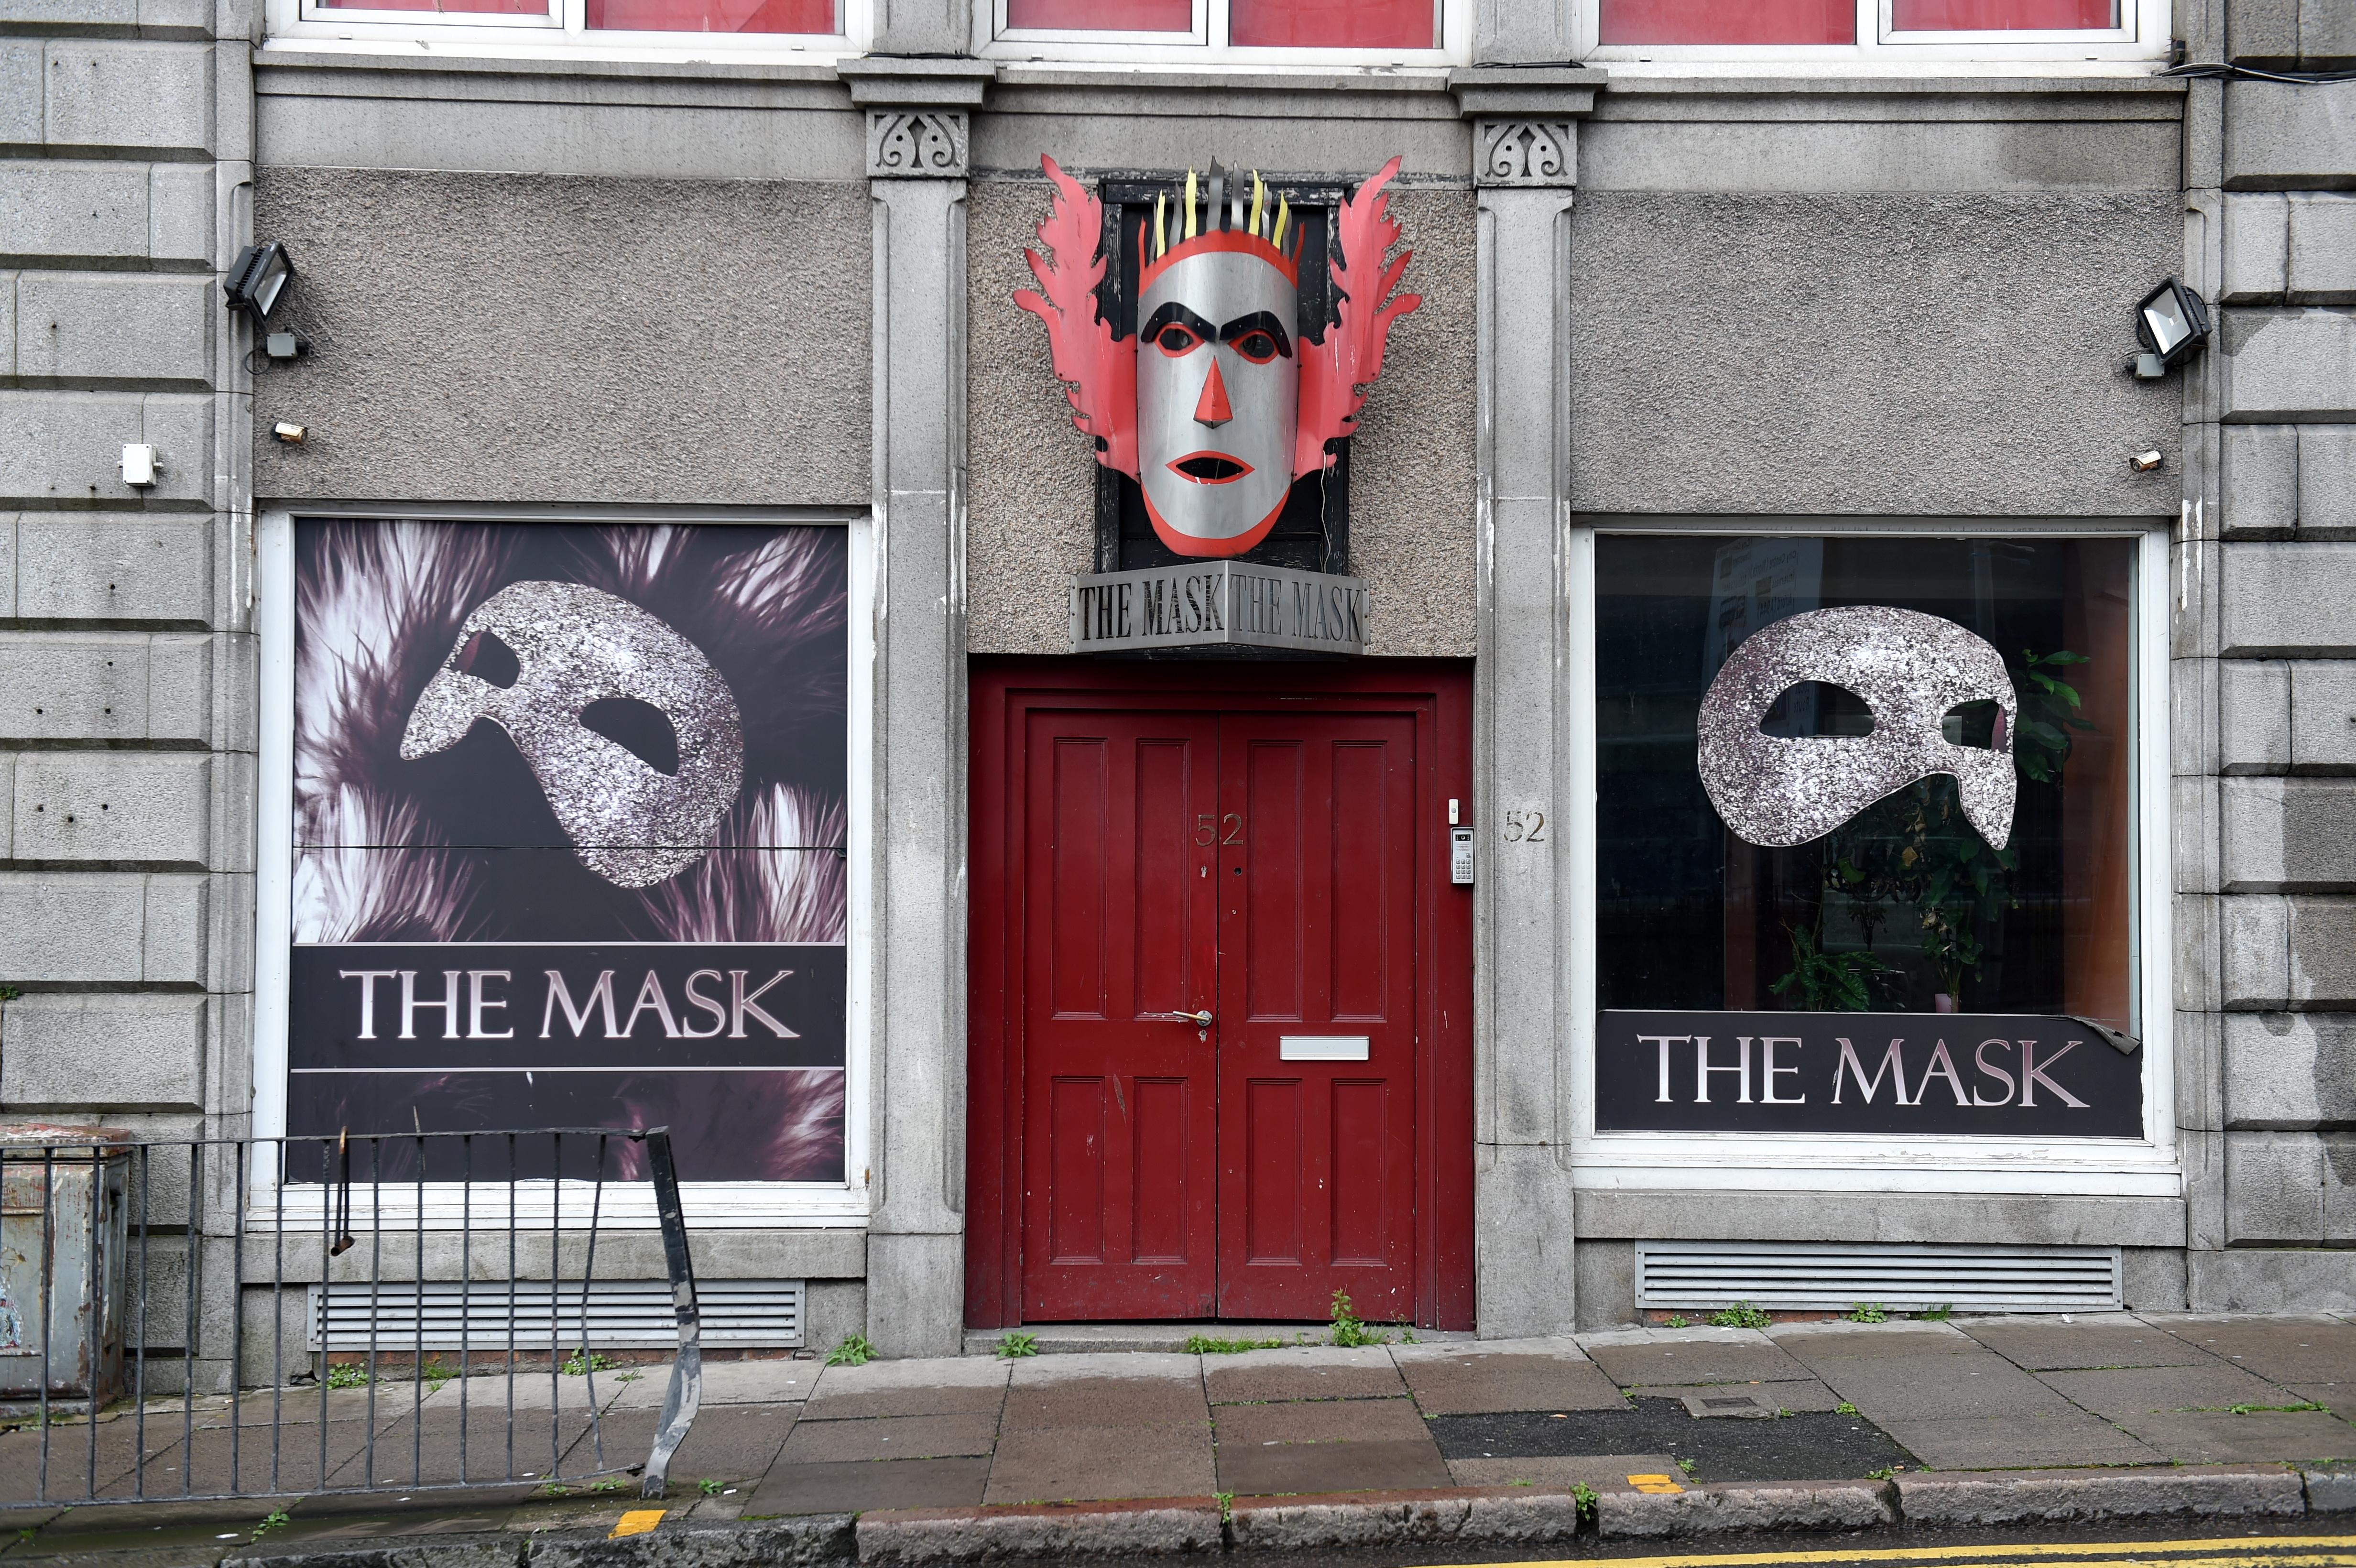 Mask nightclub on Bridge Street